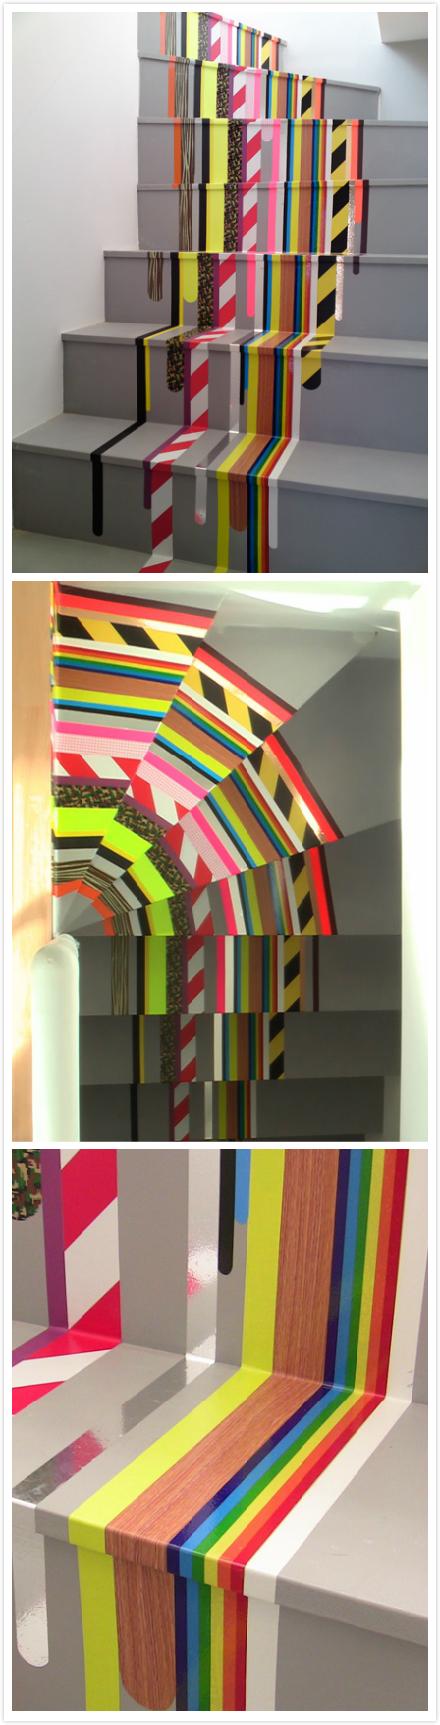 Washi Tape Stairs DIY Pinterest